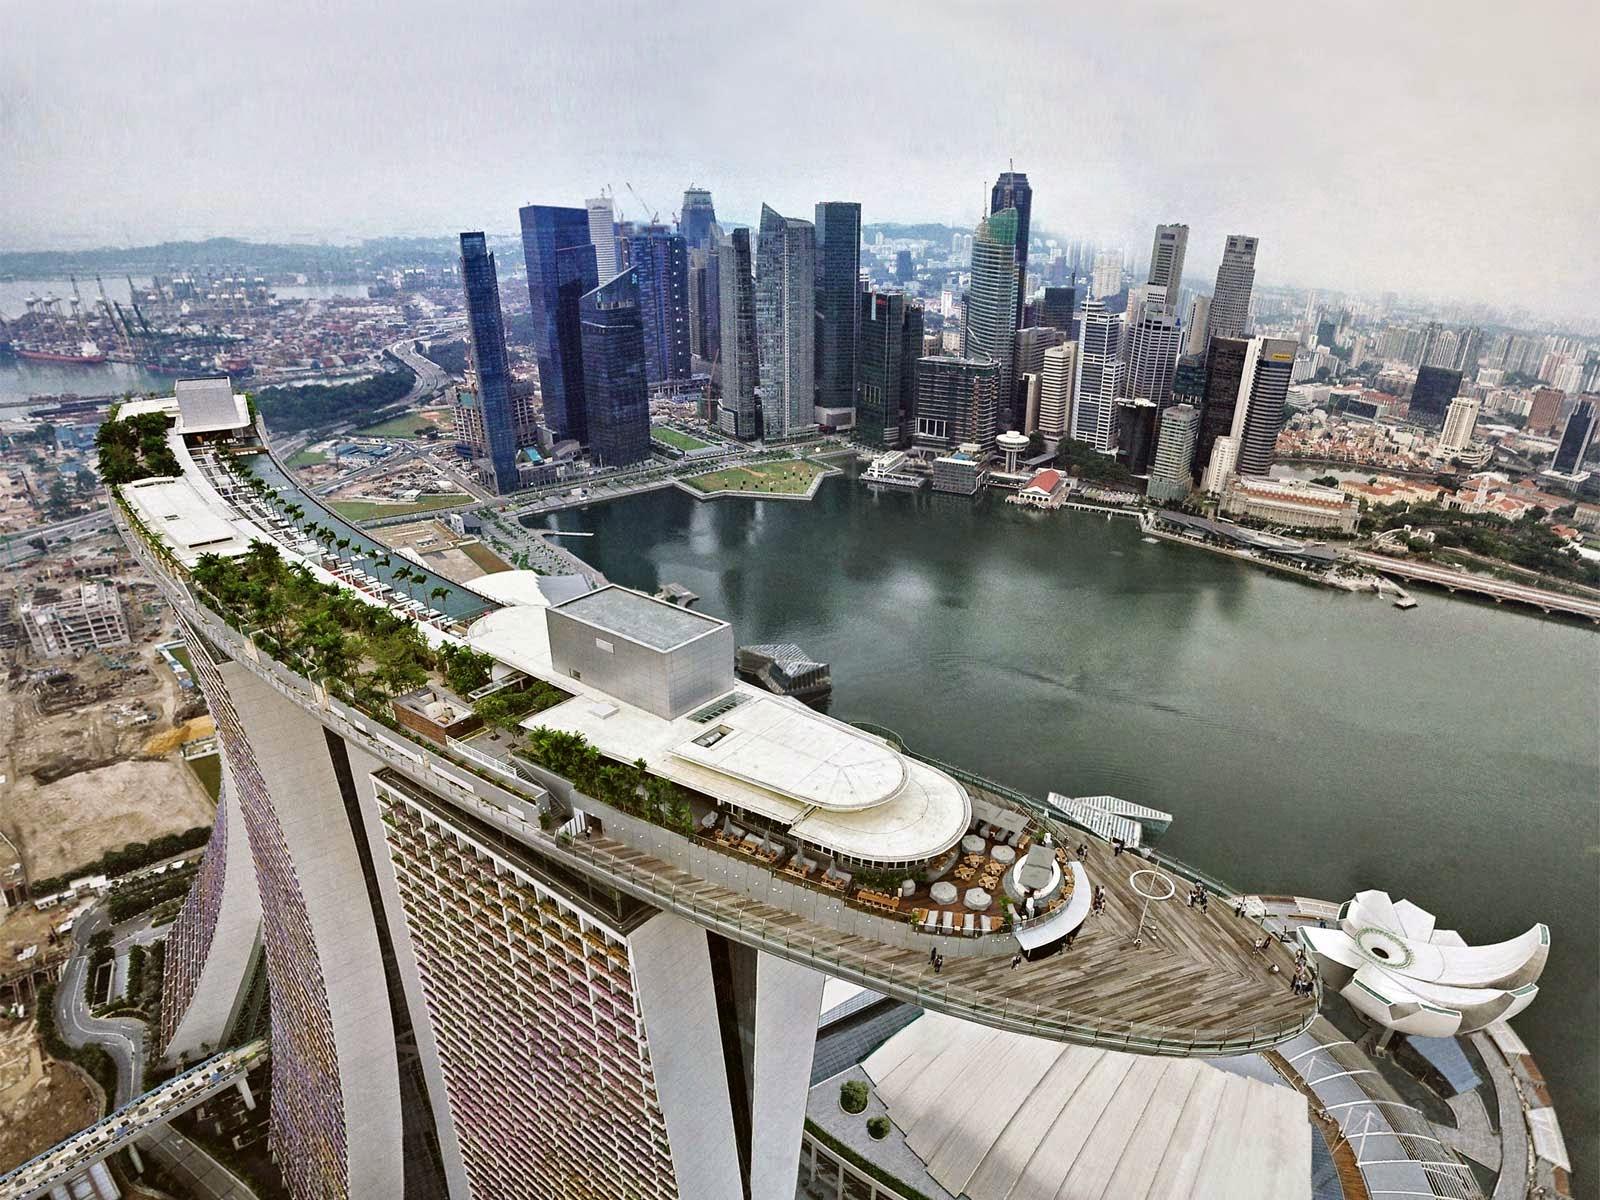 """<img src=""""http://3.bp.blogspot.com/-JOjRVF7TTrk/U5ibBiRf-lI/AAAAAAAAAN8/Q56e-xr8u1Q/s1600/SINGAPORE.jpg"""" alt=""""Richest Countries in the World"""" />"""